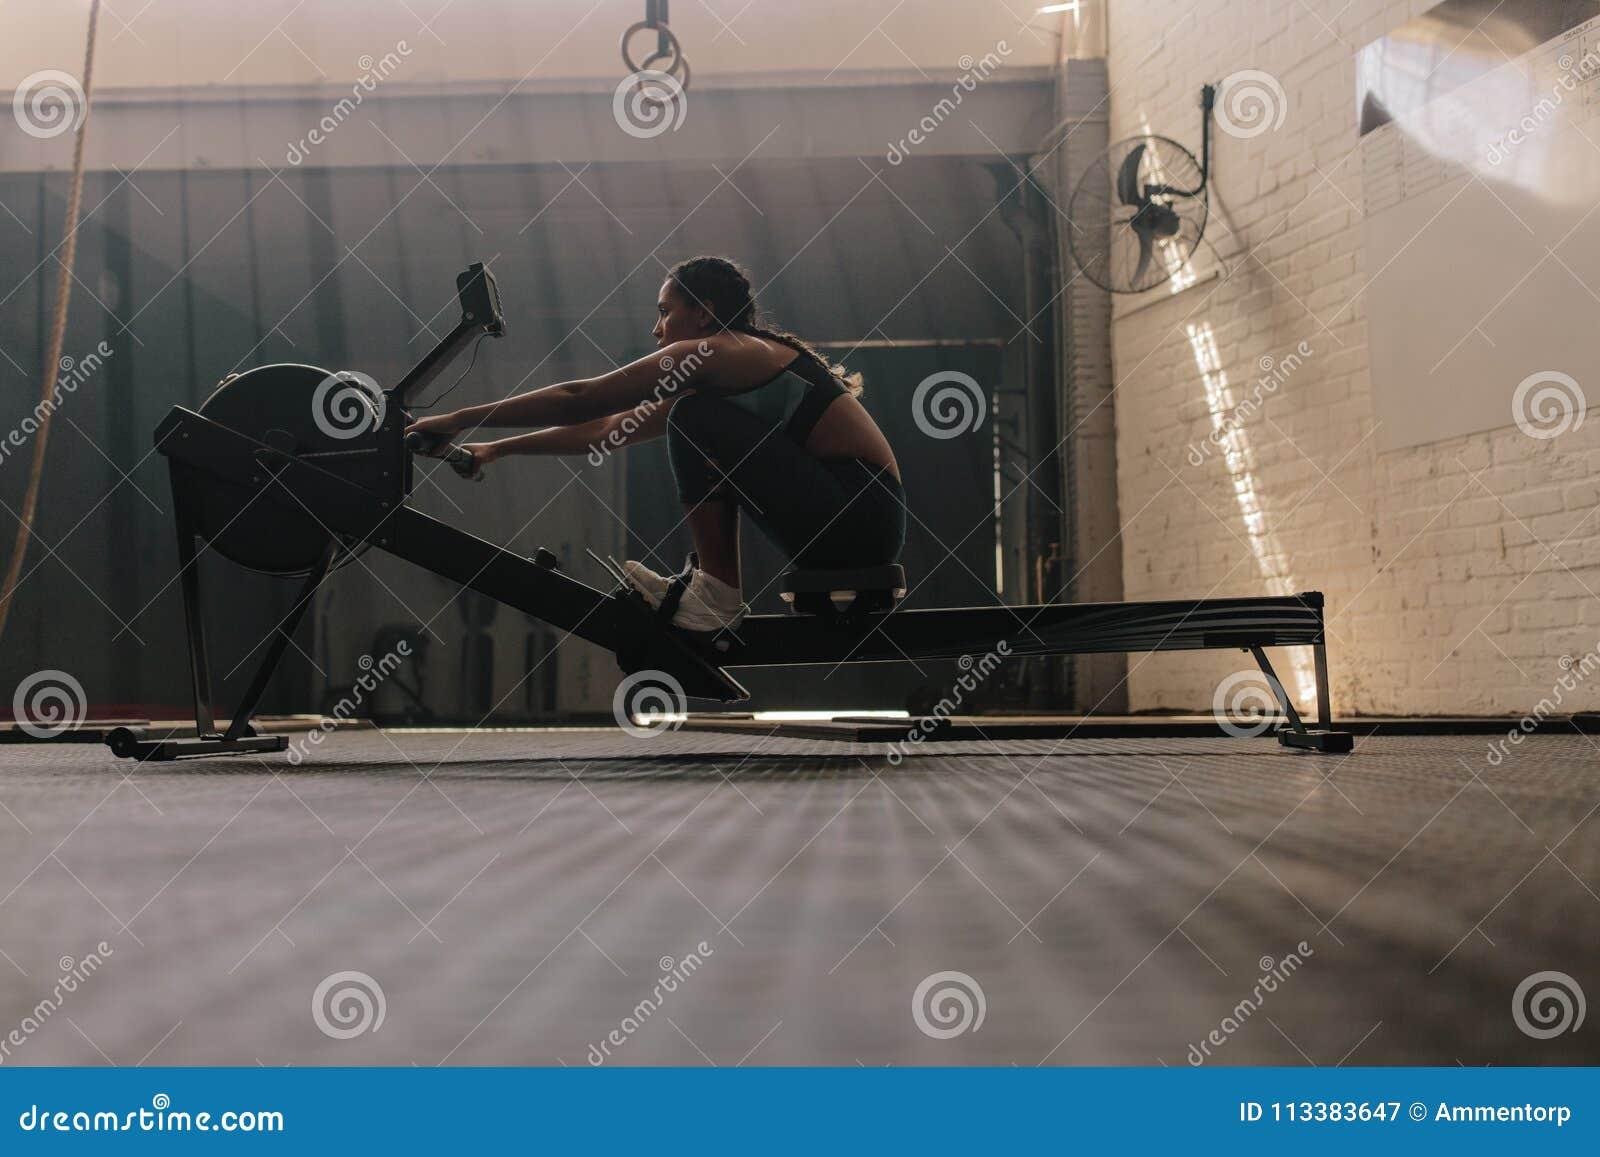 Θηλυκός αθλητής που χρησιμοποιεί τη μηχανή κωπηλασίας